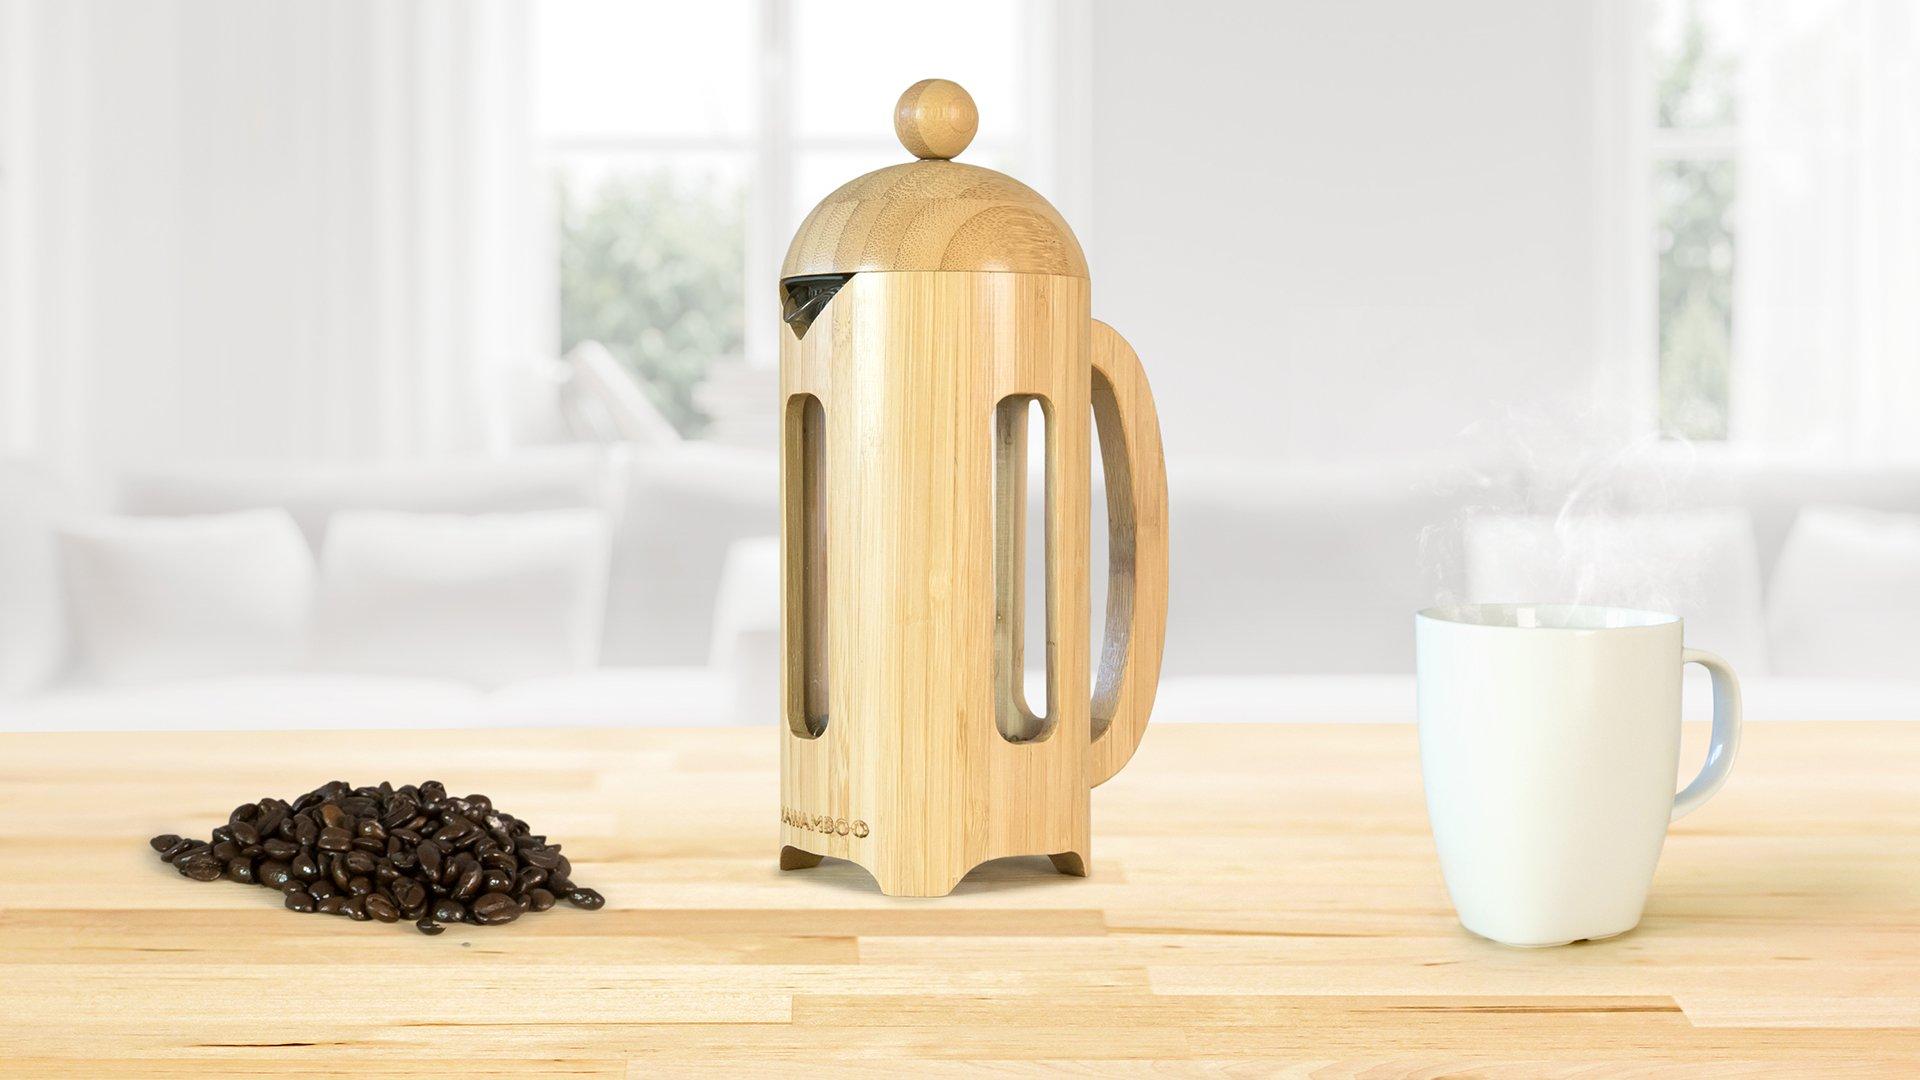 Kawamboo Kawamboo introBG v10 2 crop - The Bamboo Coffee Press